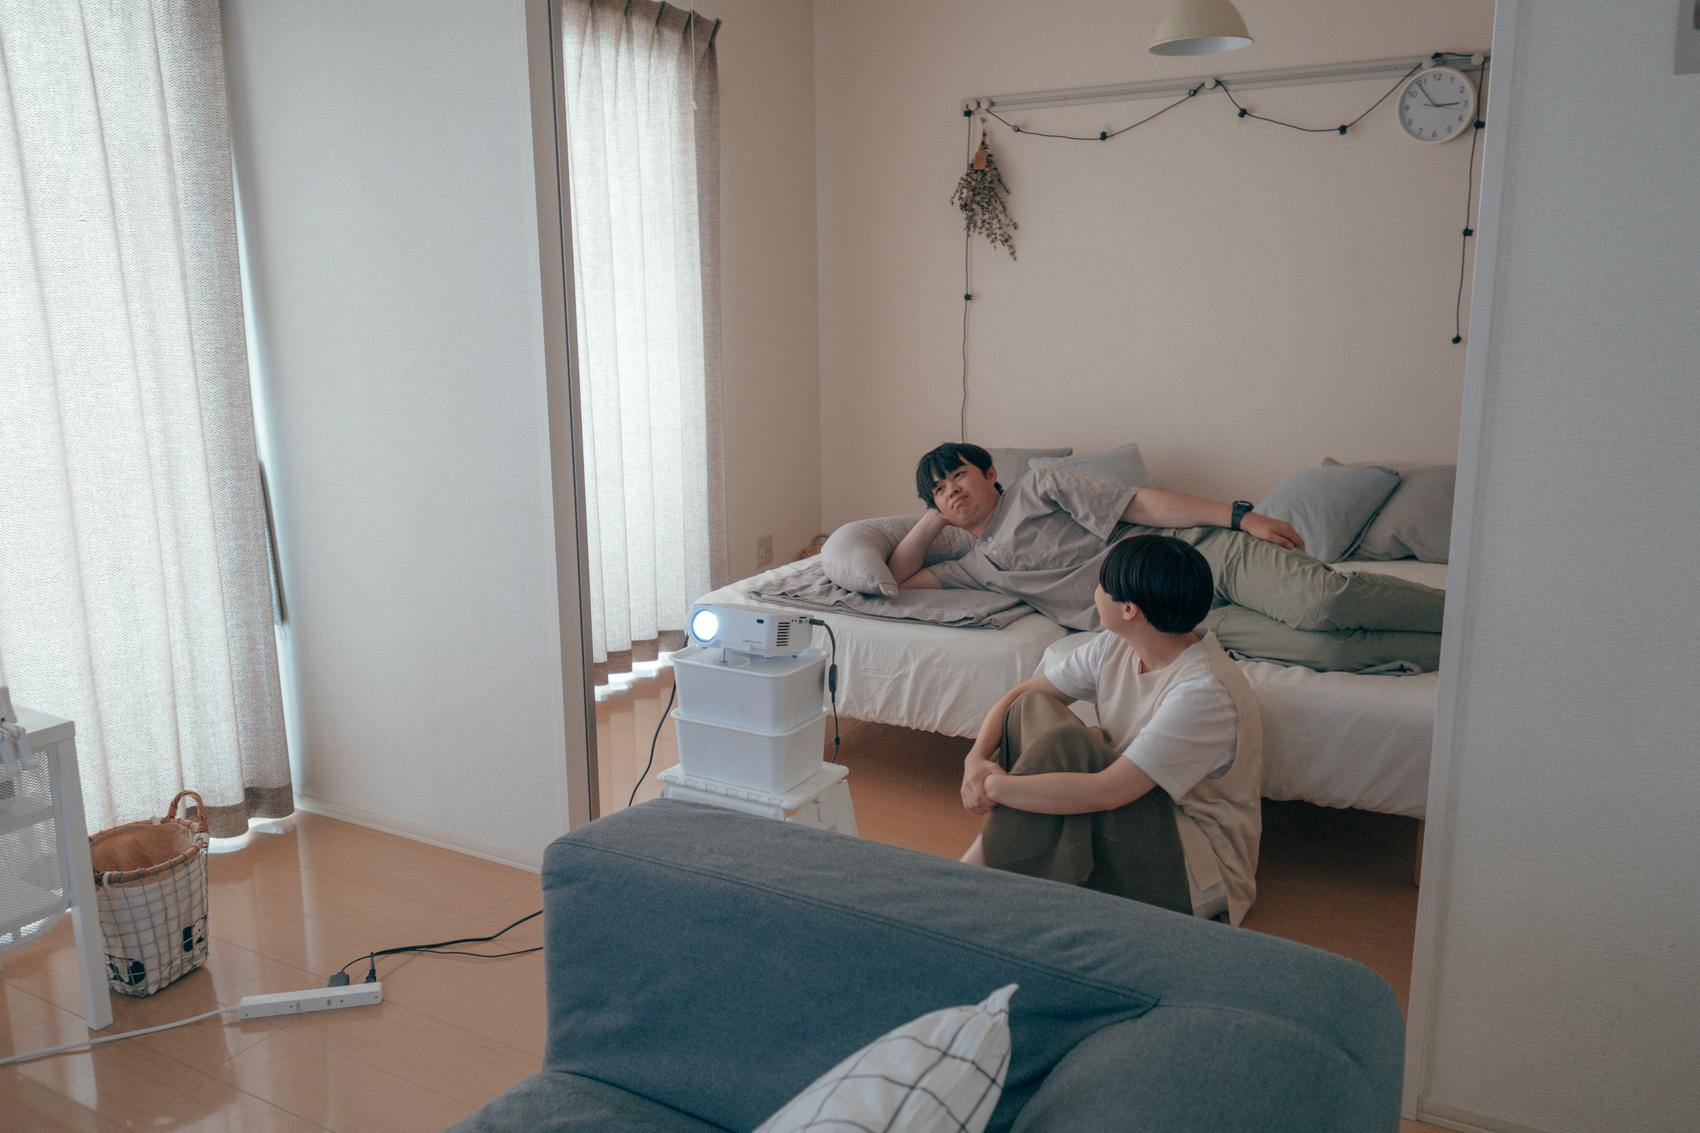 suzukiakaneさんは音楽を楽しみながら、ご主人はYoutubeで動画をそれぞれの好きな時間を尊重出来ているのが心地よい空間の秘訣なのかもしれません。